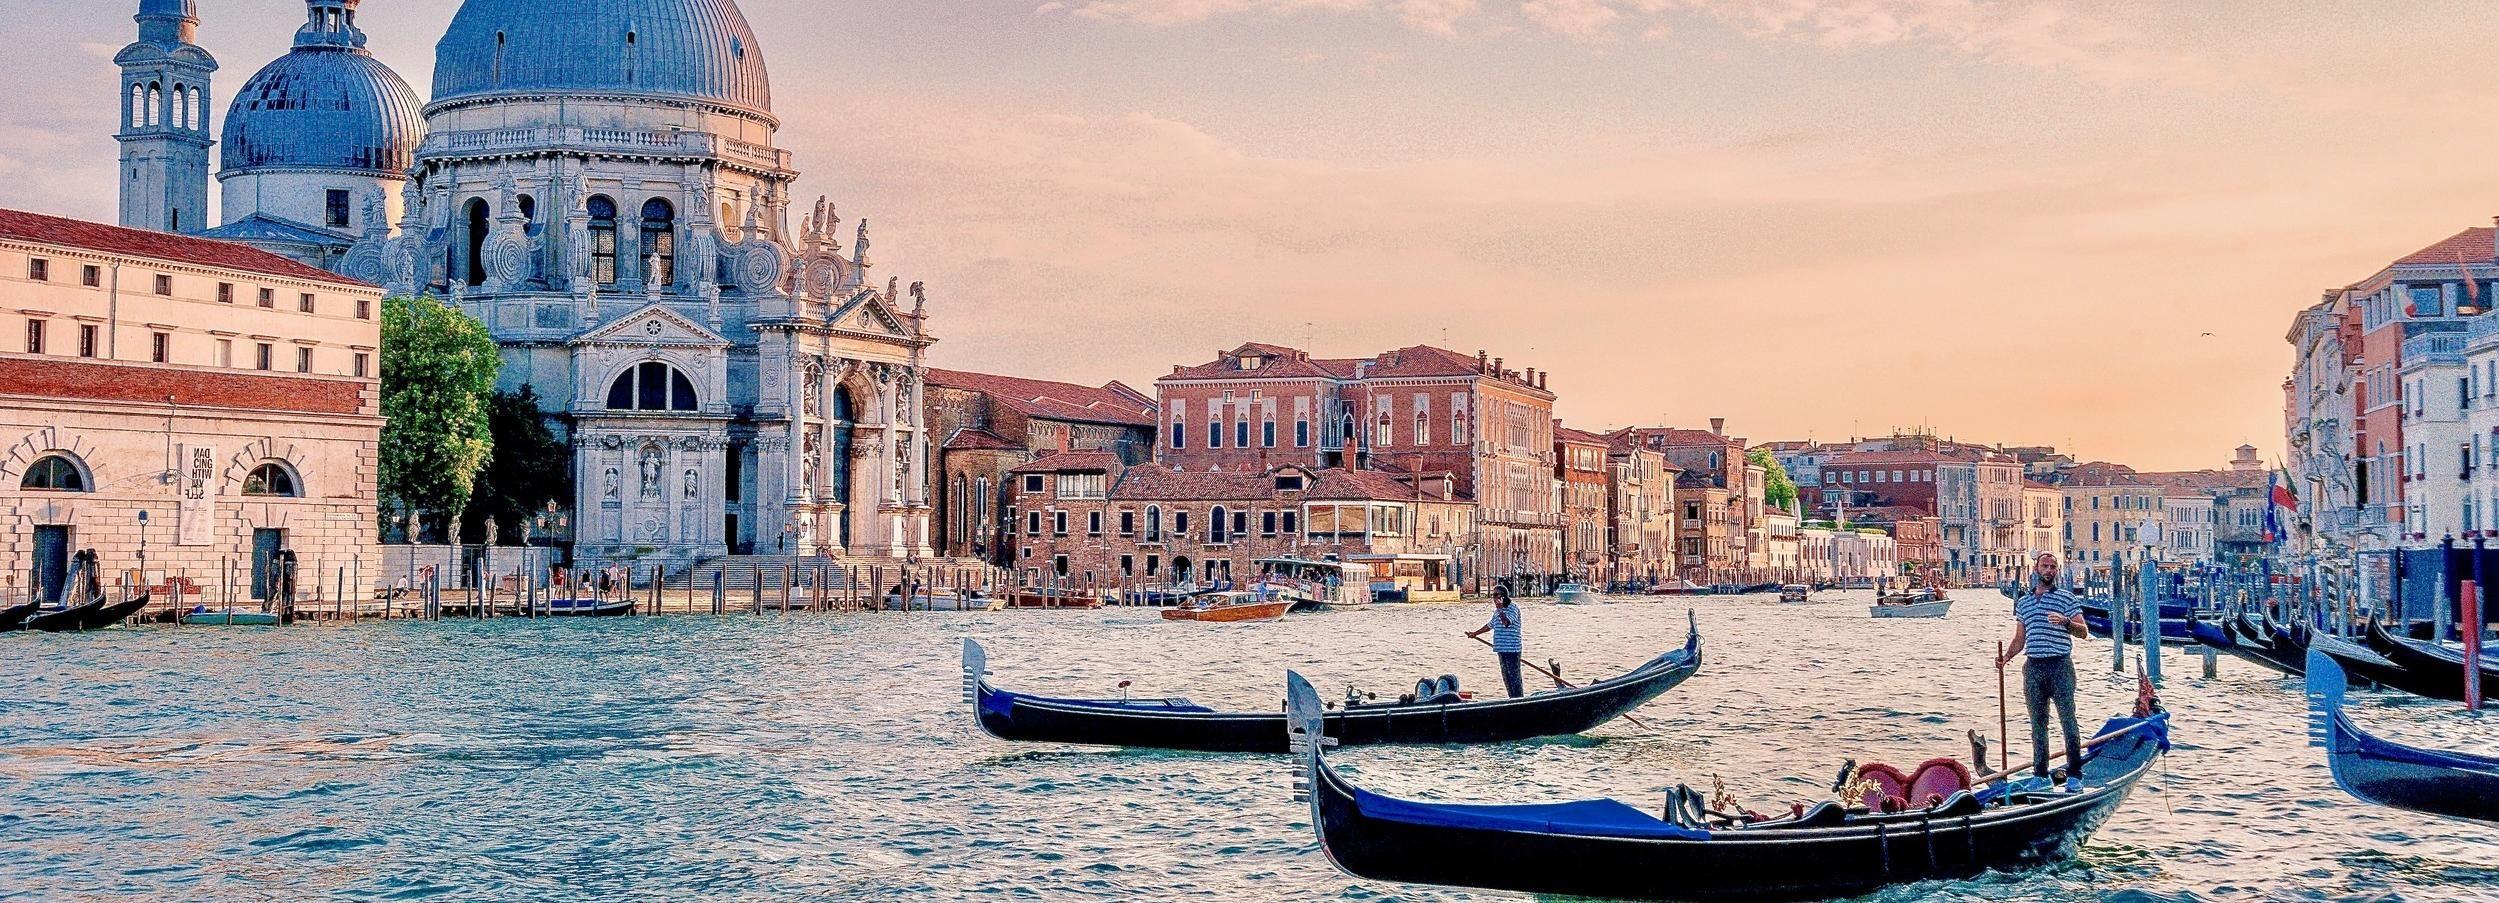 Венеция: частный обзор пешеходная экскурсия